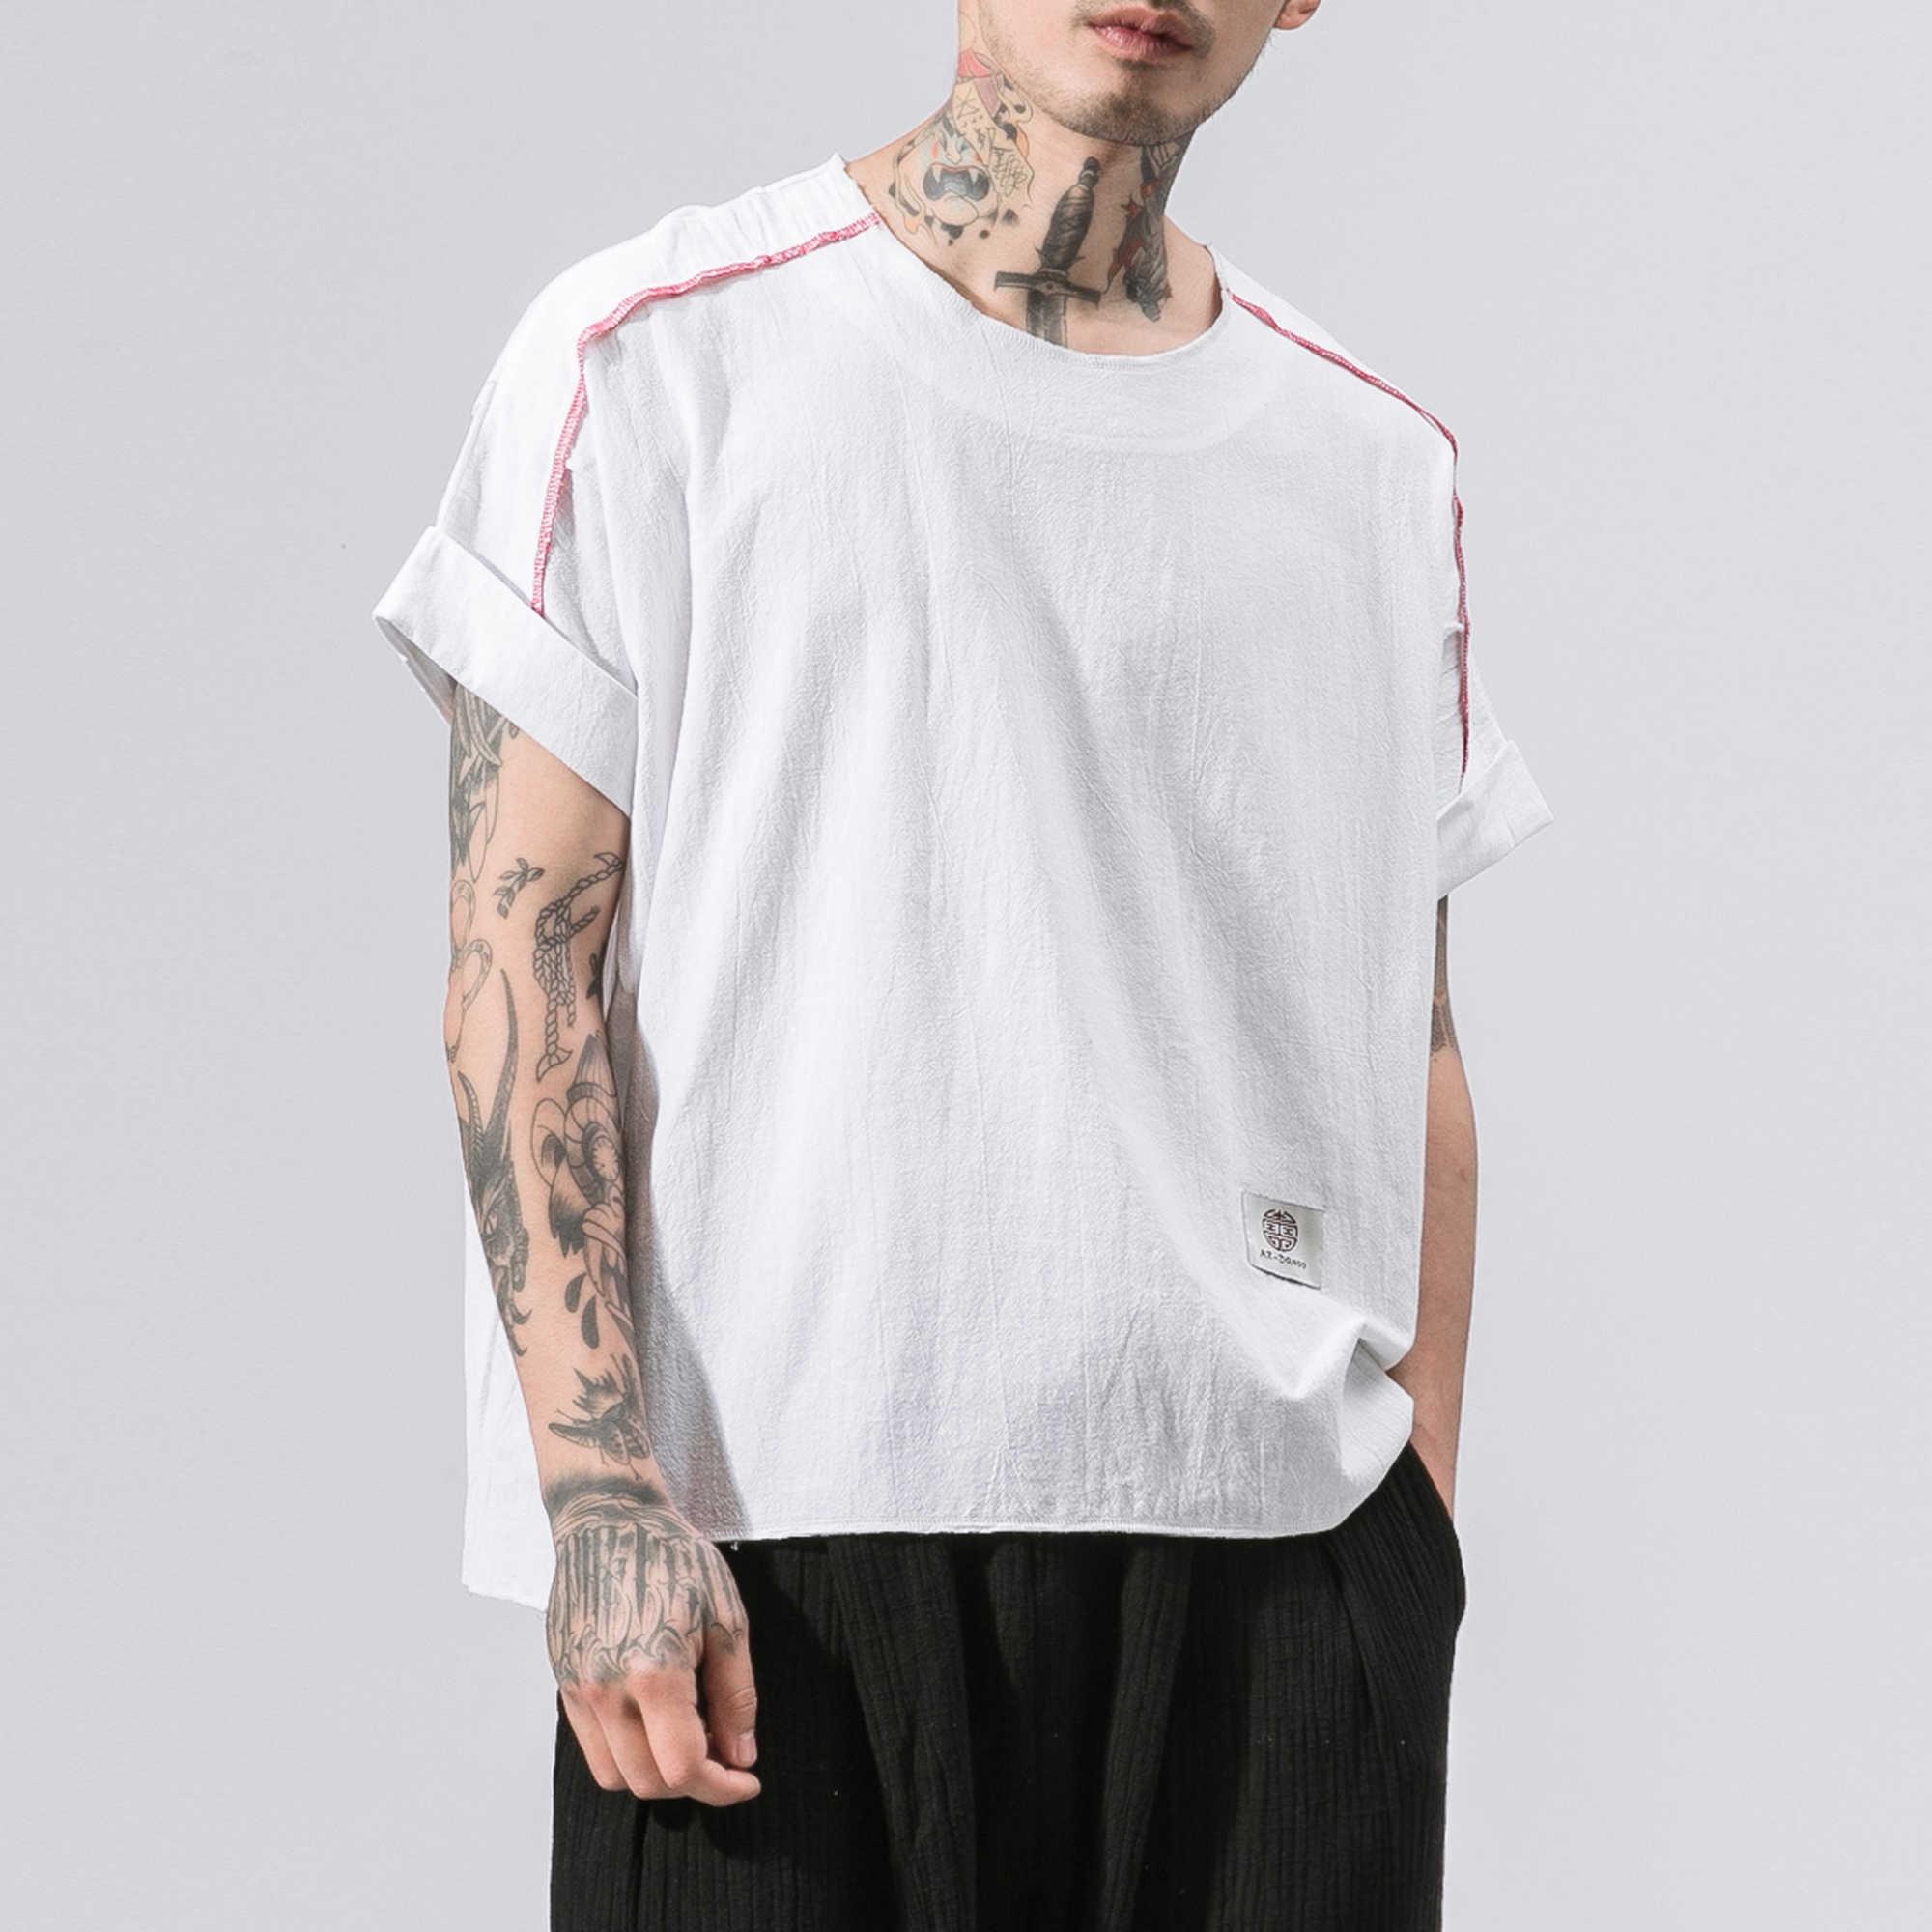 男性の夏のファッションコットン半袖 Tシャツプラスサイズ M-5XL 男性黒、白 Tシャツ